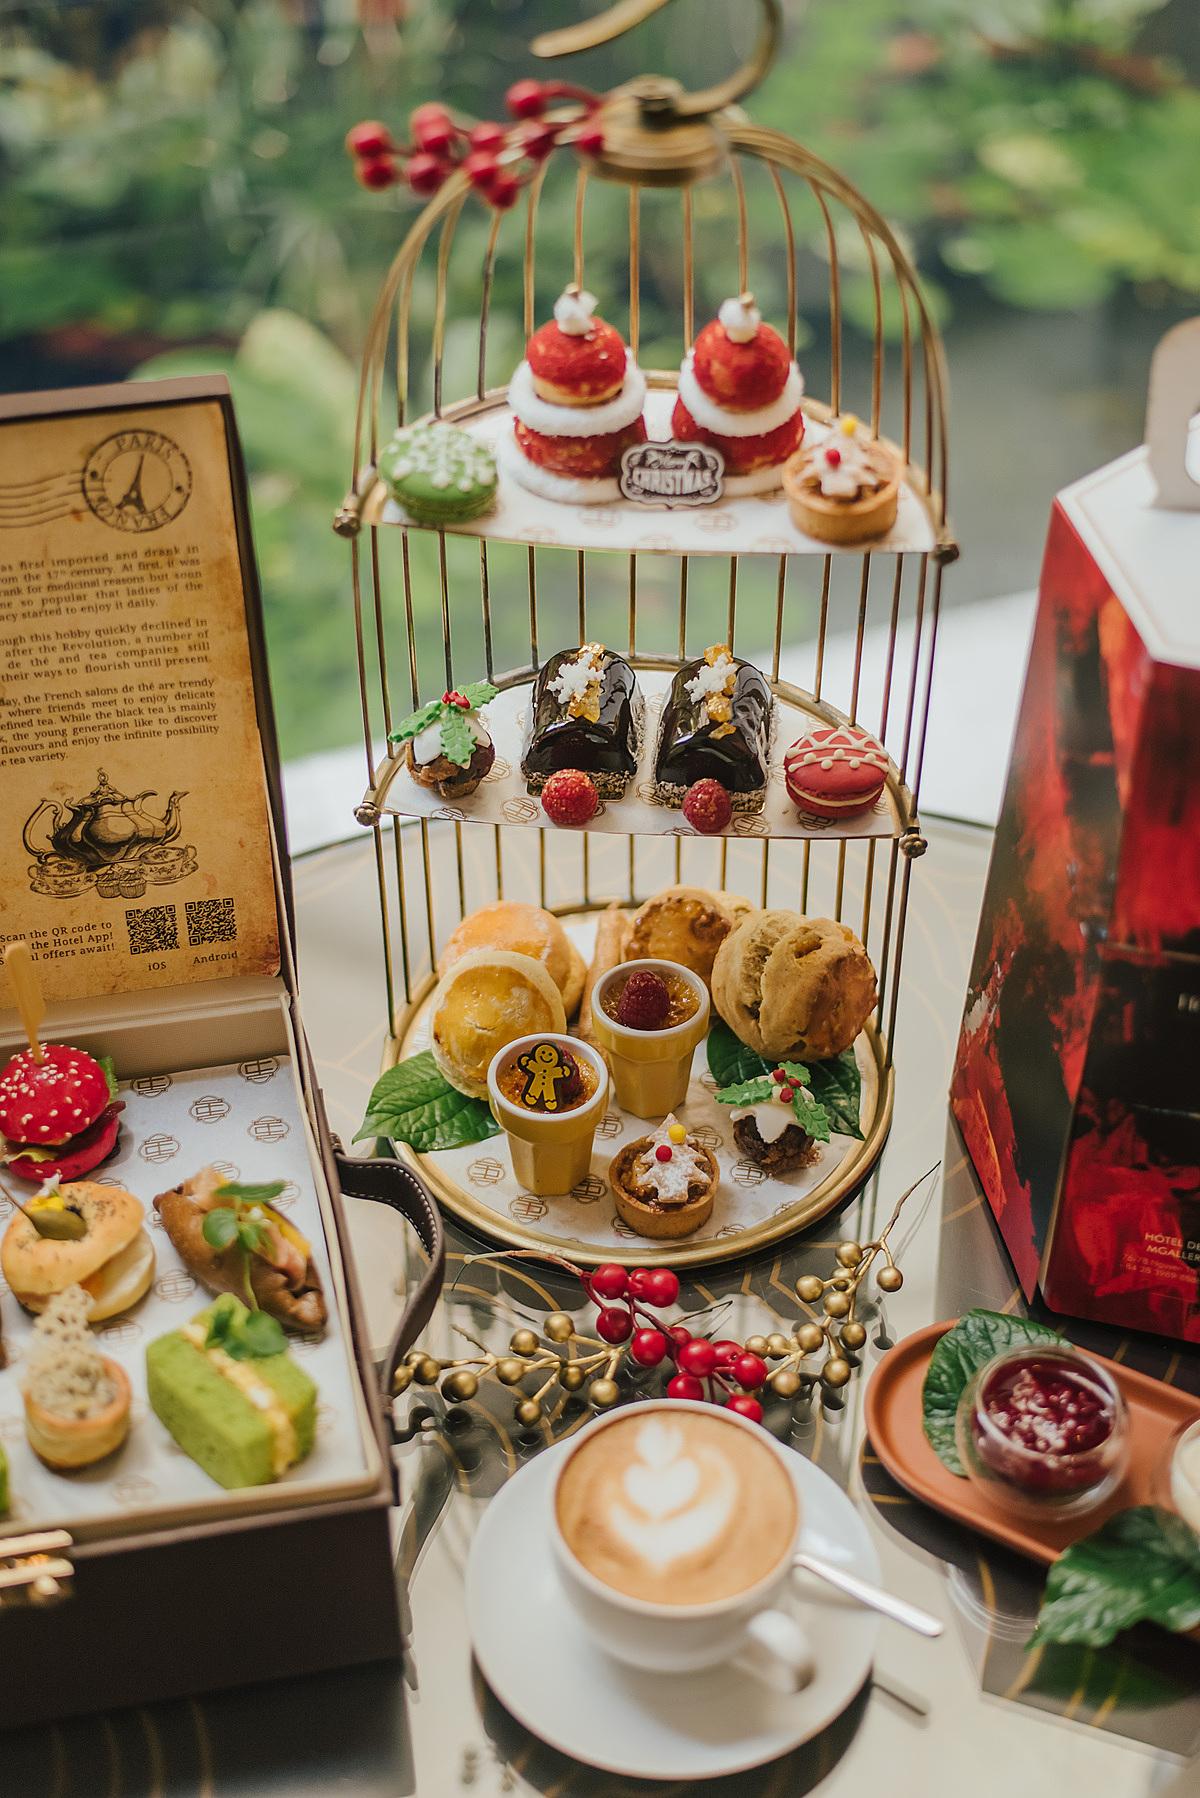 Các món trà và bánh trong bữa tiệc trà chiều do rưởng điều hành Angela Brown và đội ngũ đầu bếp chuẩn bị.